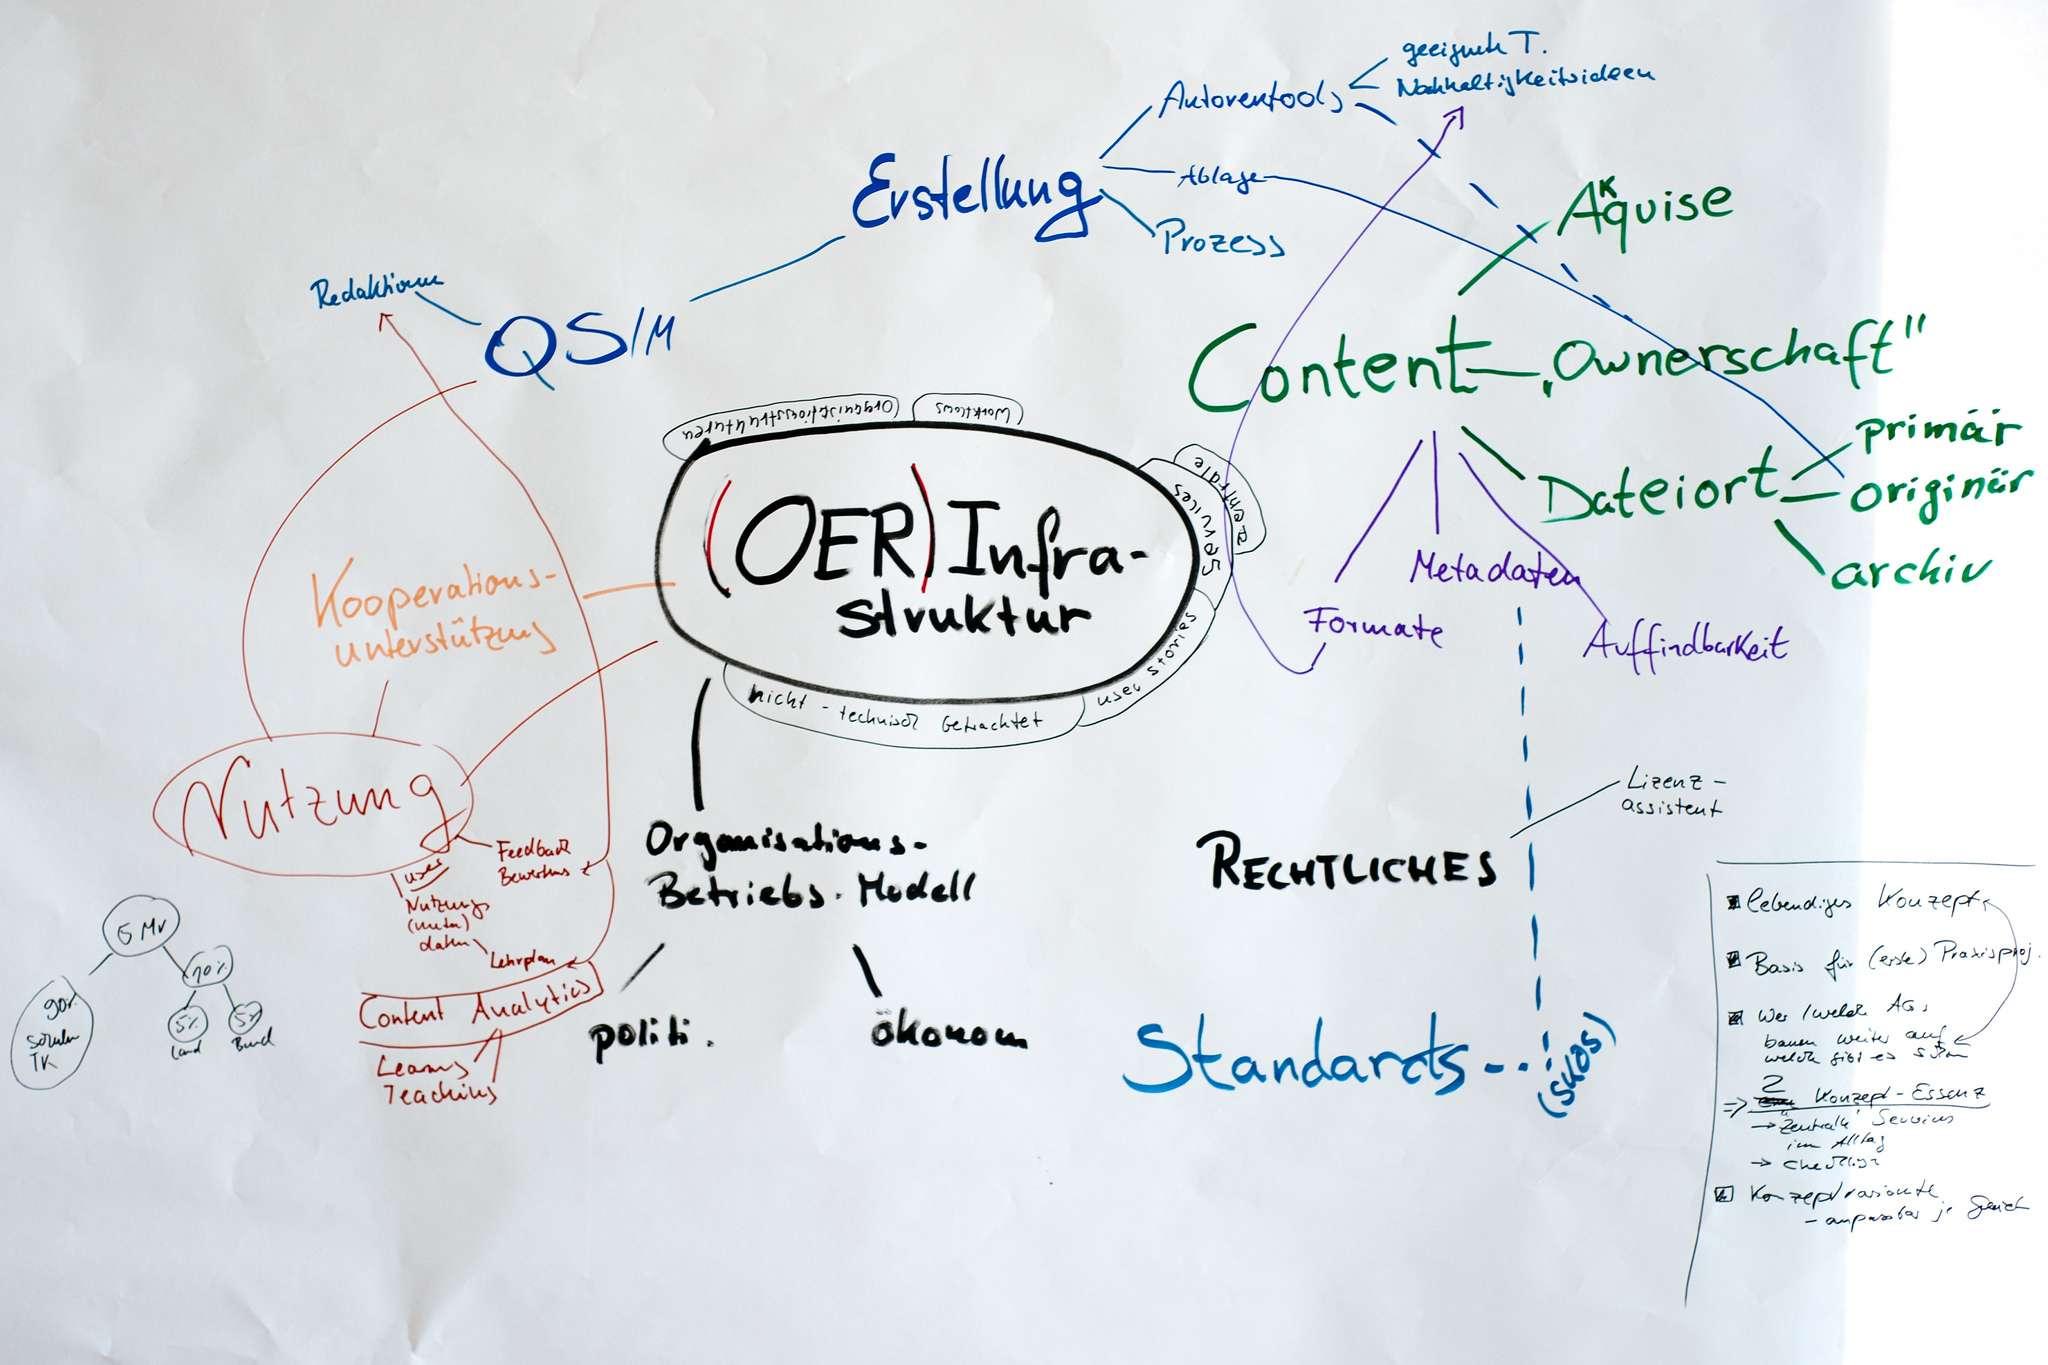 Das Bild zeigt eine Verknüpfung Kategorien, die für eine OER-Infrastruktur berücksichtigt werden müssen wie z.B. Qualitätsmanagement, Rechtliches, technologische Standards, Organisationsmodelle uvm.